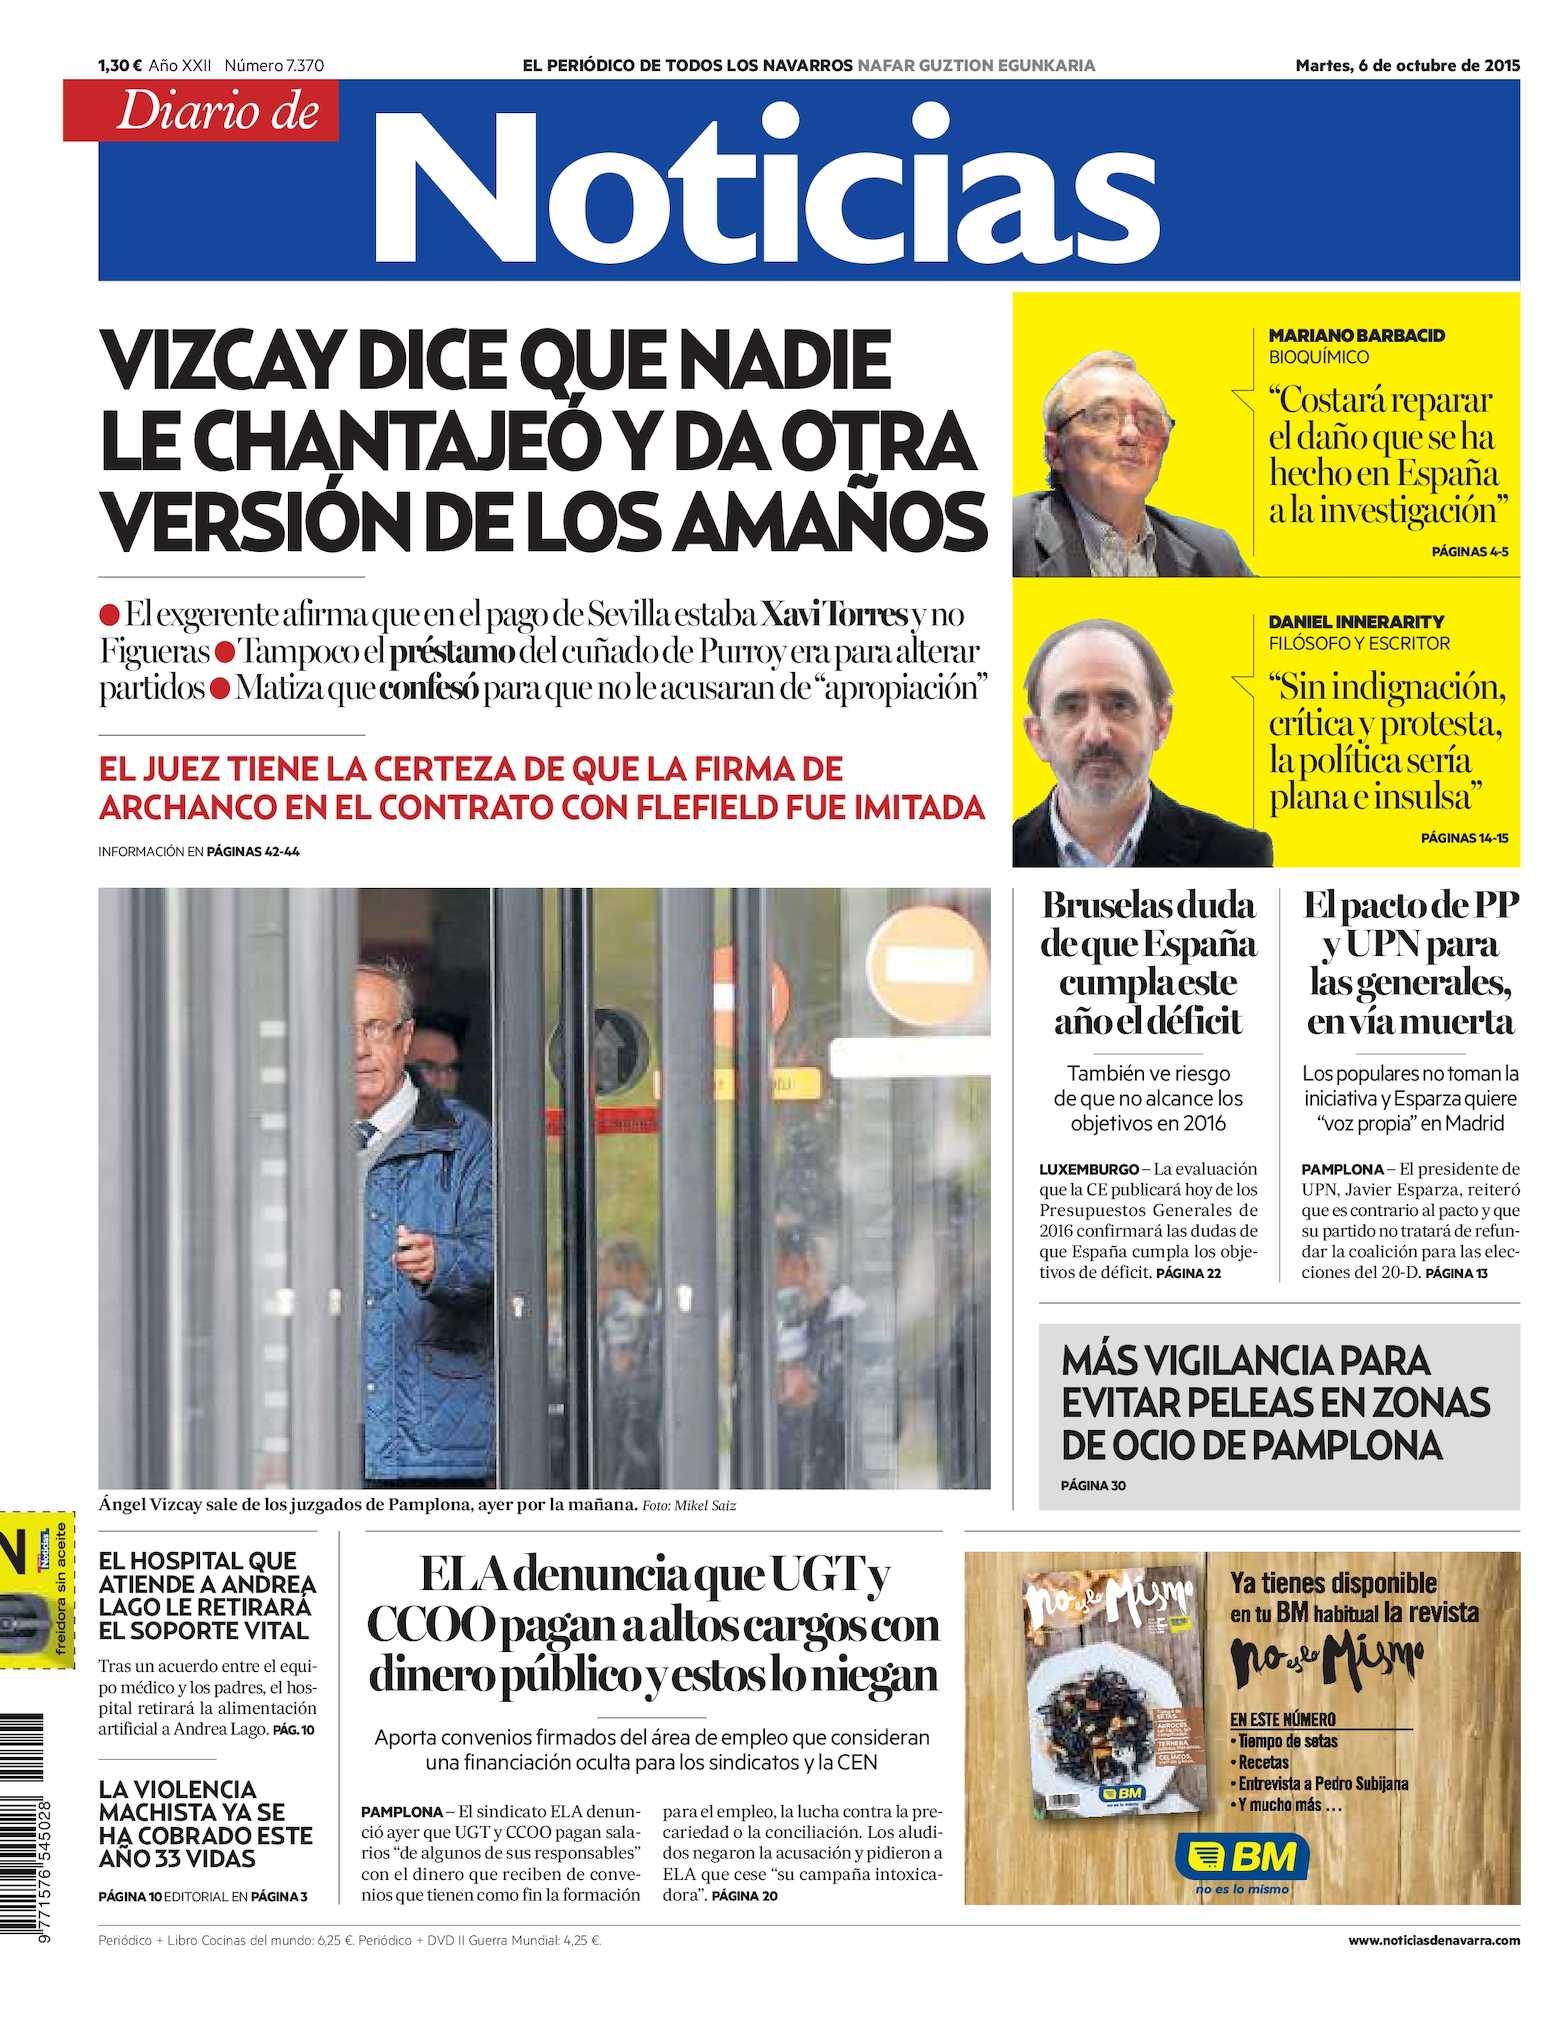 Calaméo - Diario de Noticias 20151006